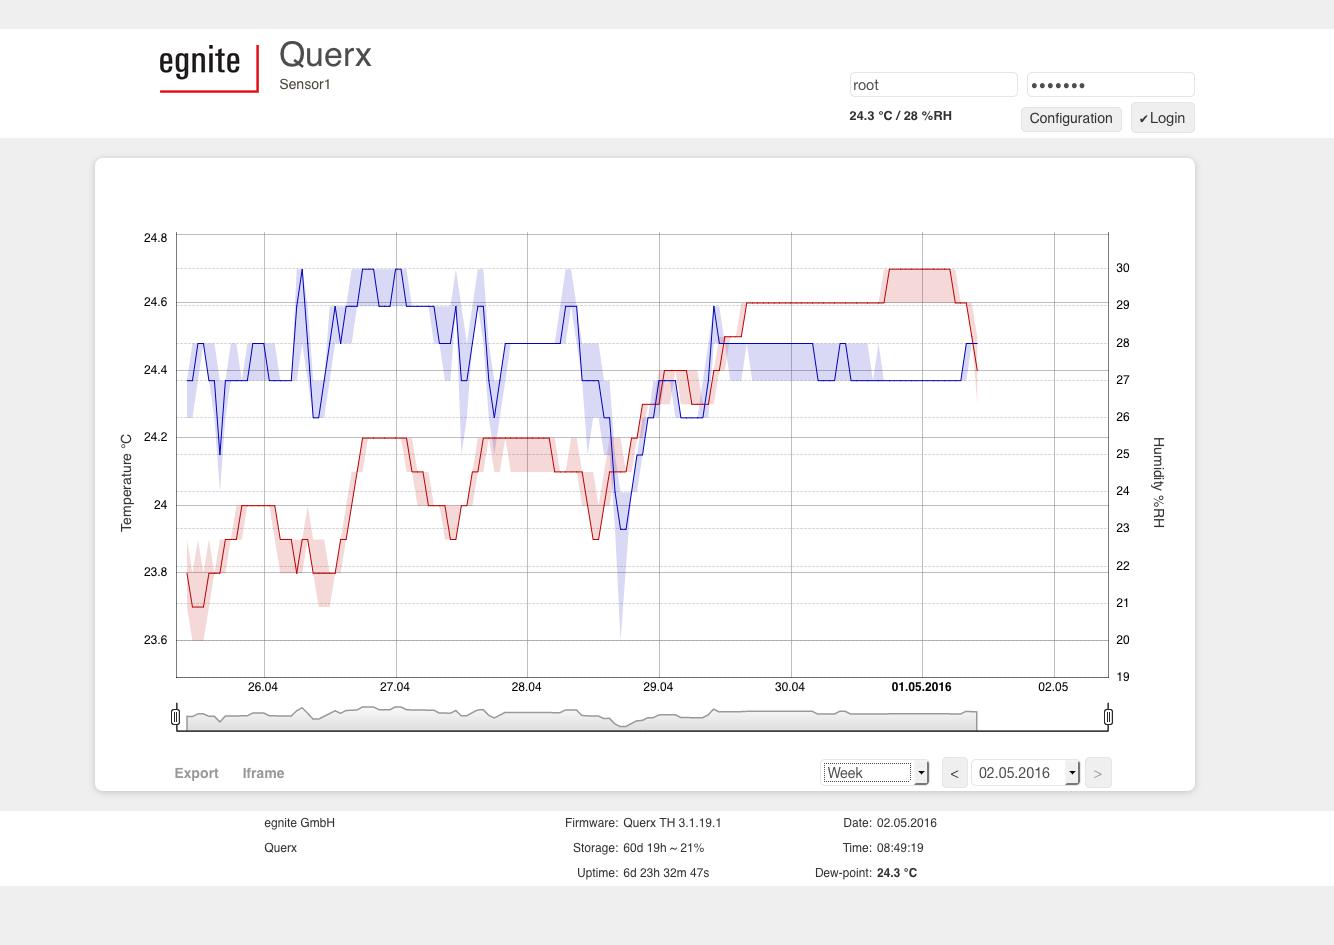 Querx TH WLAN im Test: Wie heiß und feucht ist unser Serverraum? - Diagramm der Temperaturentwicklung (Bild: Mario Keller/Syseleven)